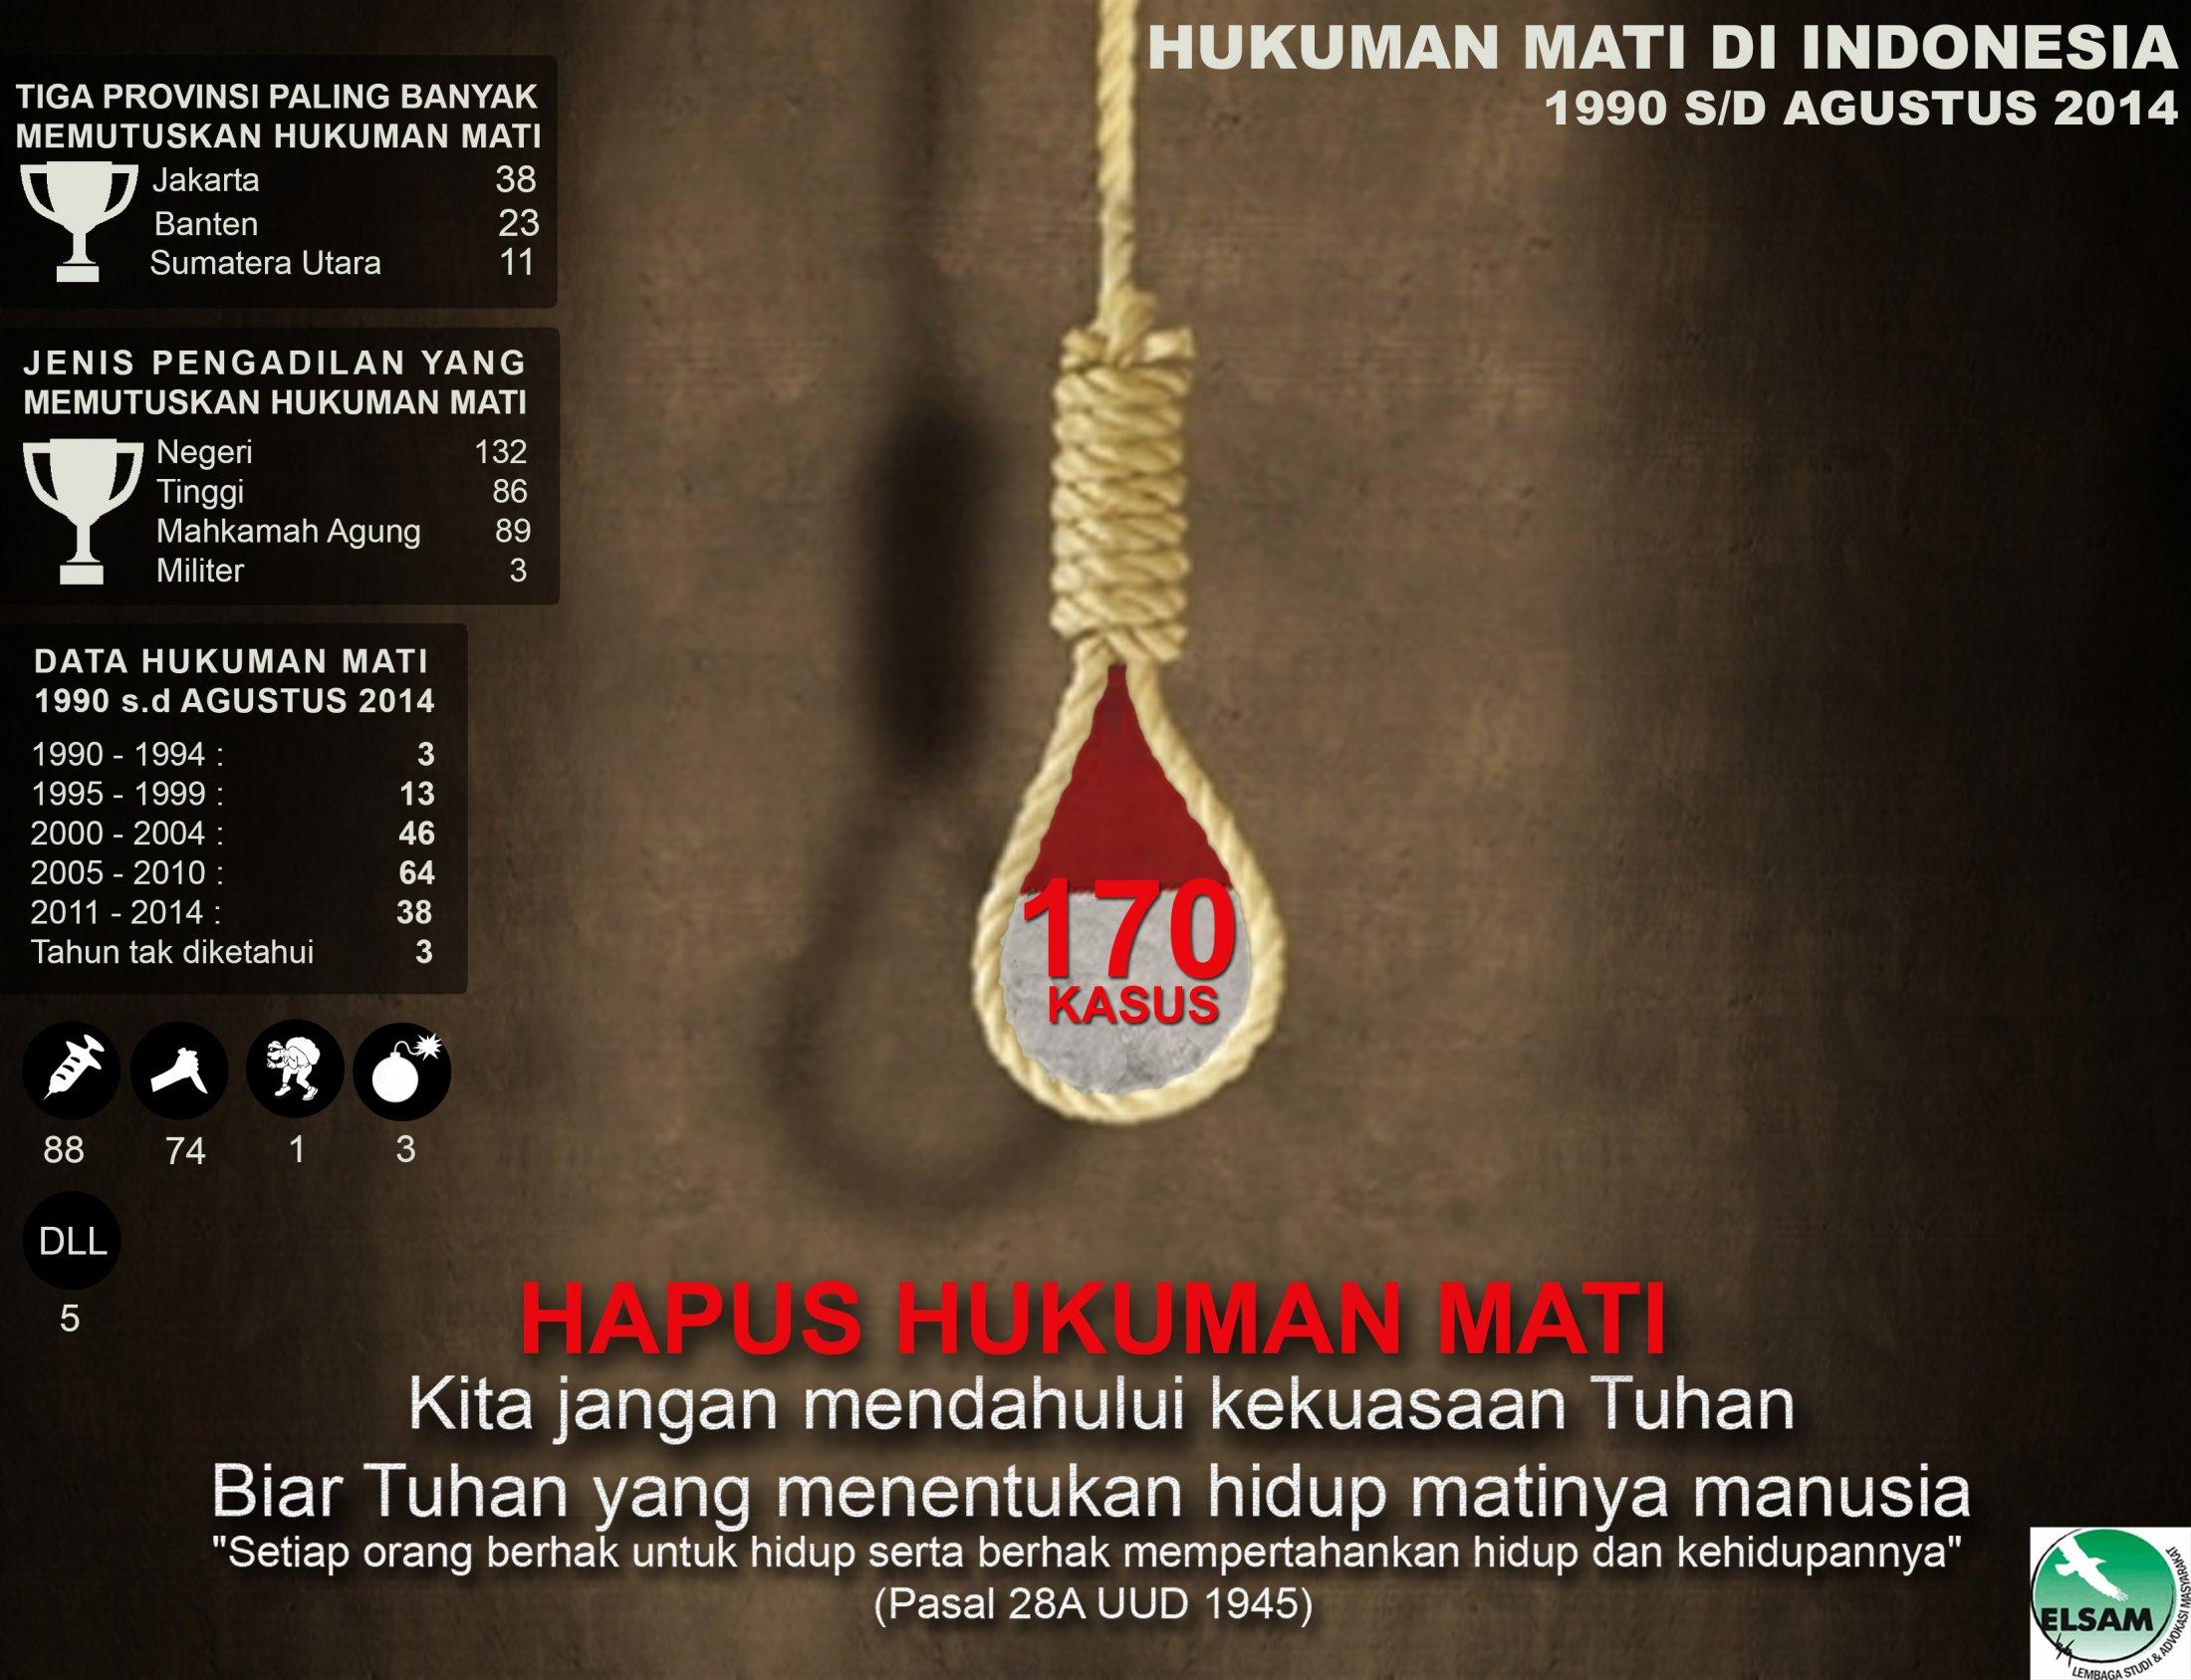 2014-hukuman-mati